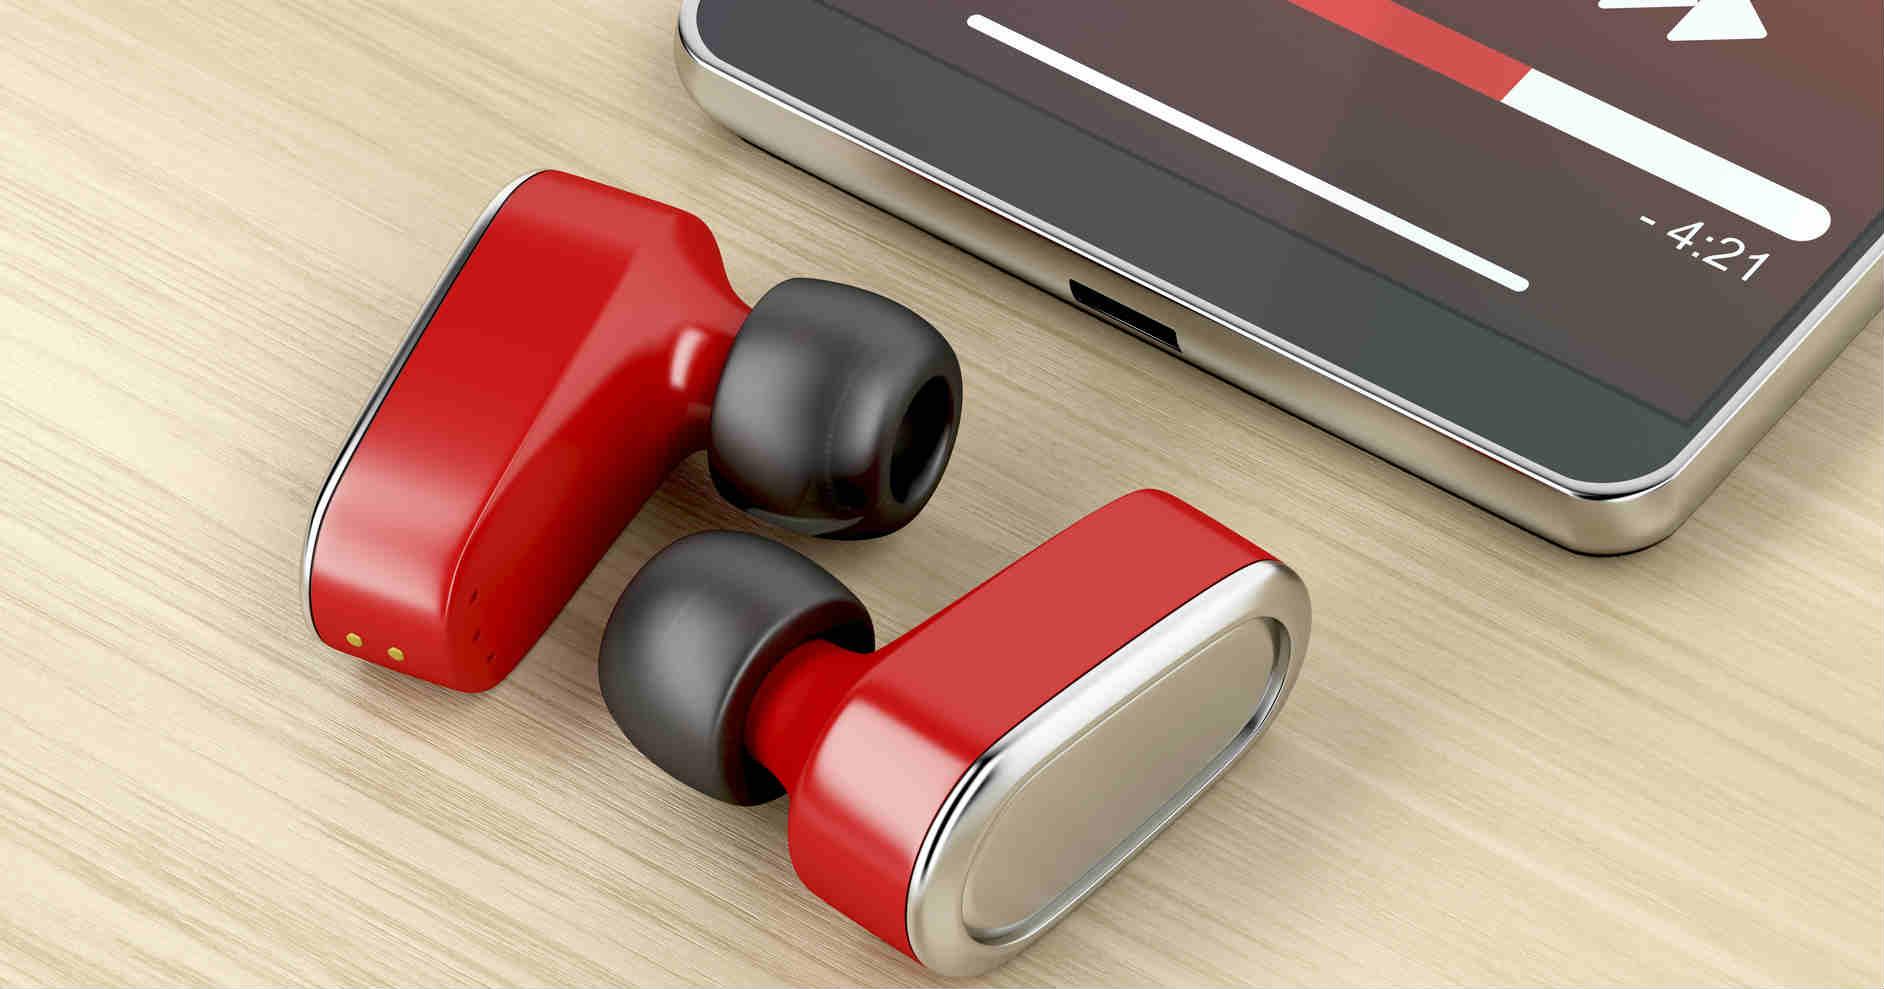 イヤホンは耐久が大事!耐久性のあるイヤホンの選び方とおすすめ商品を紹介!